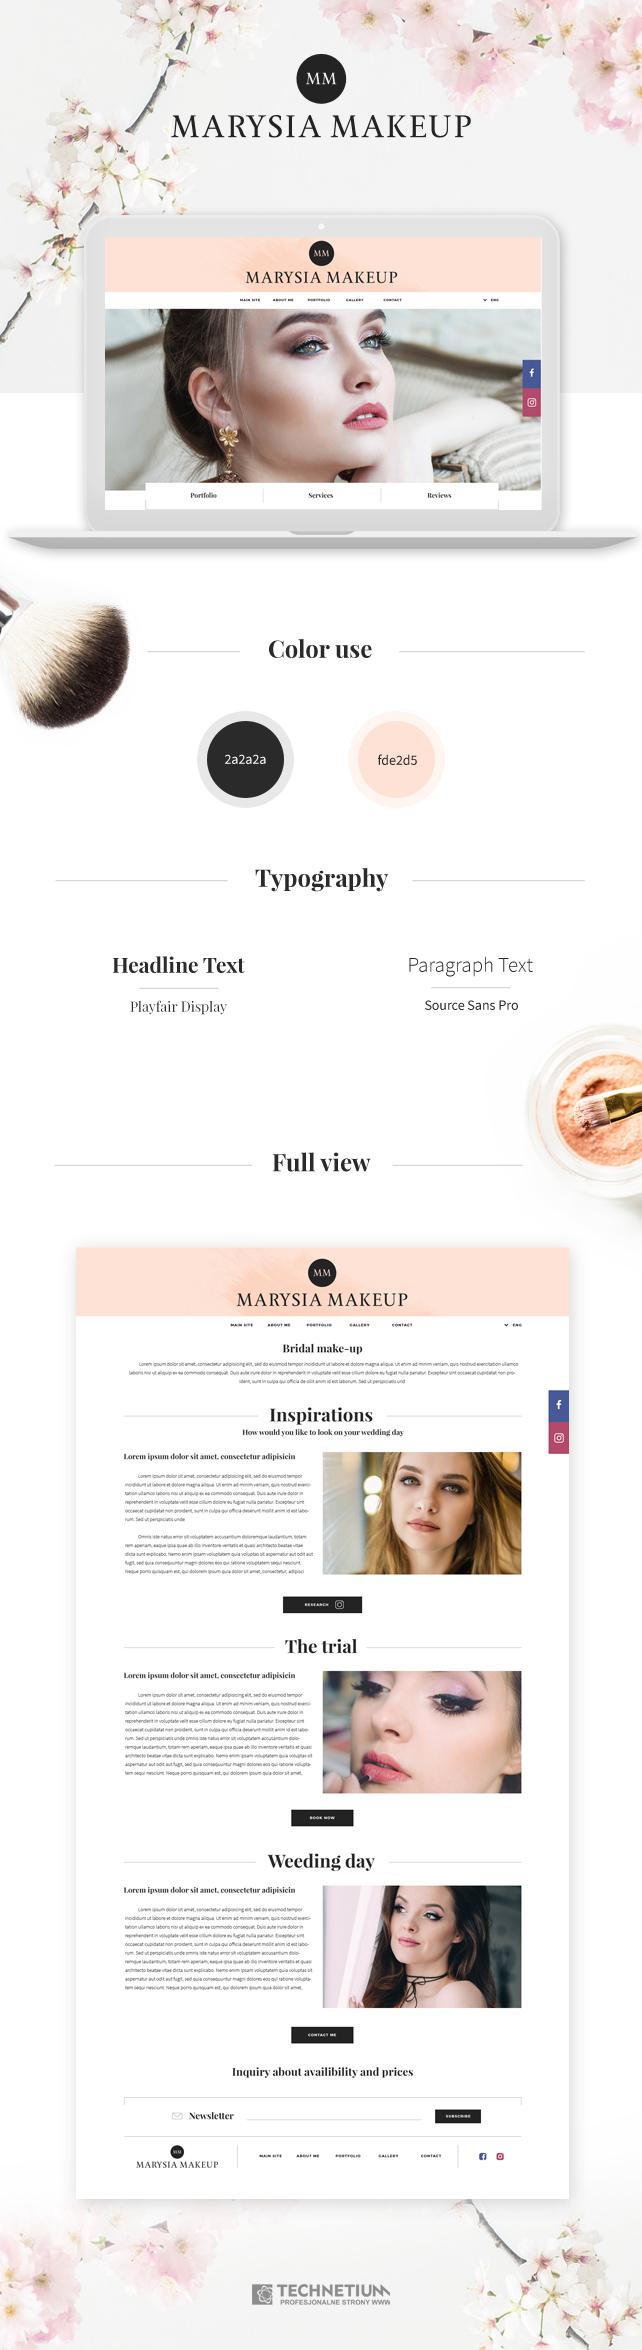 Strona www, identyfikacja wizualna Marysia Makeup Strona www wizażystki i stylistki